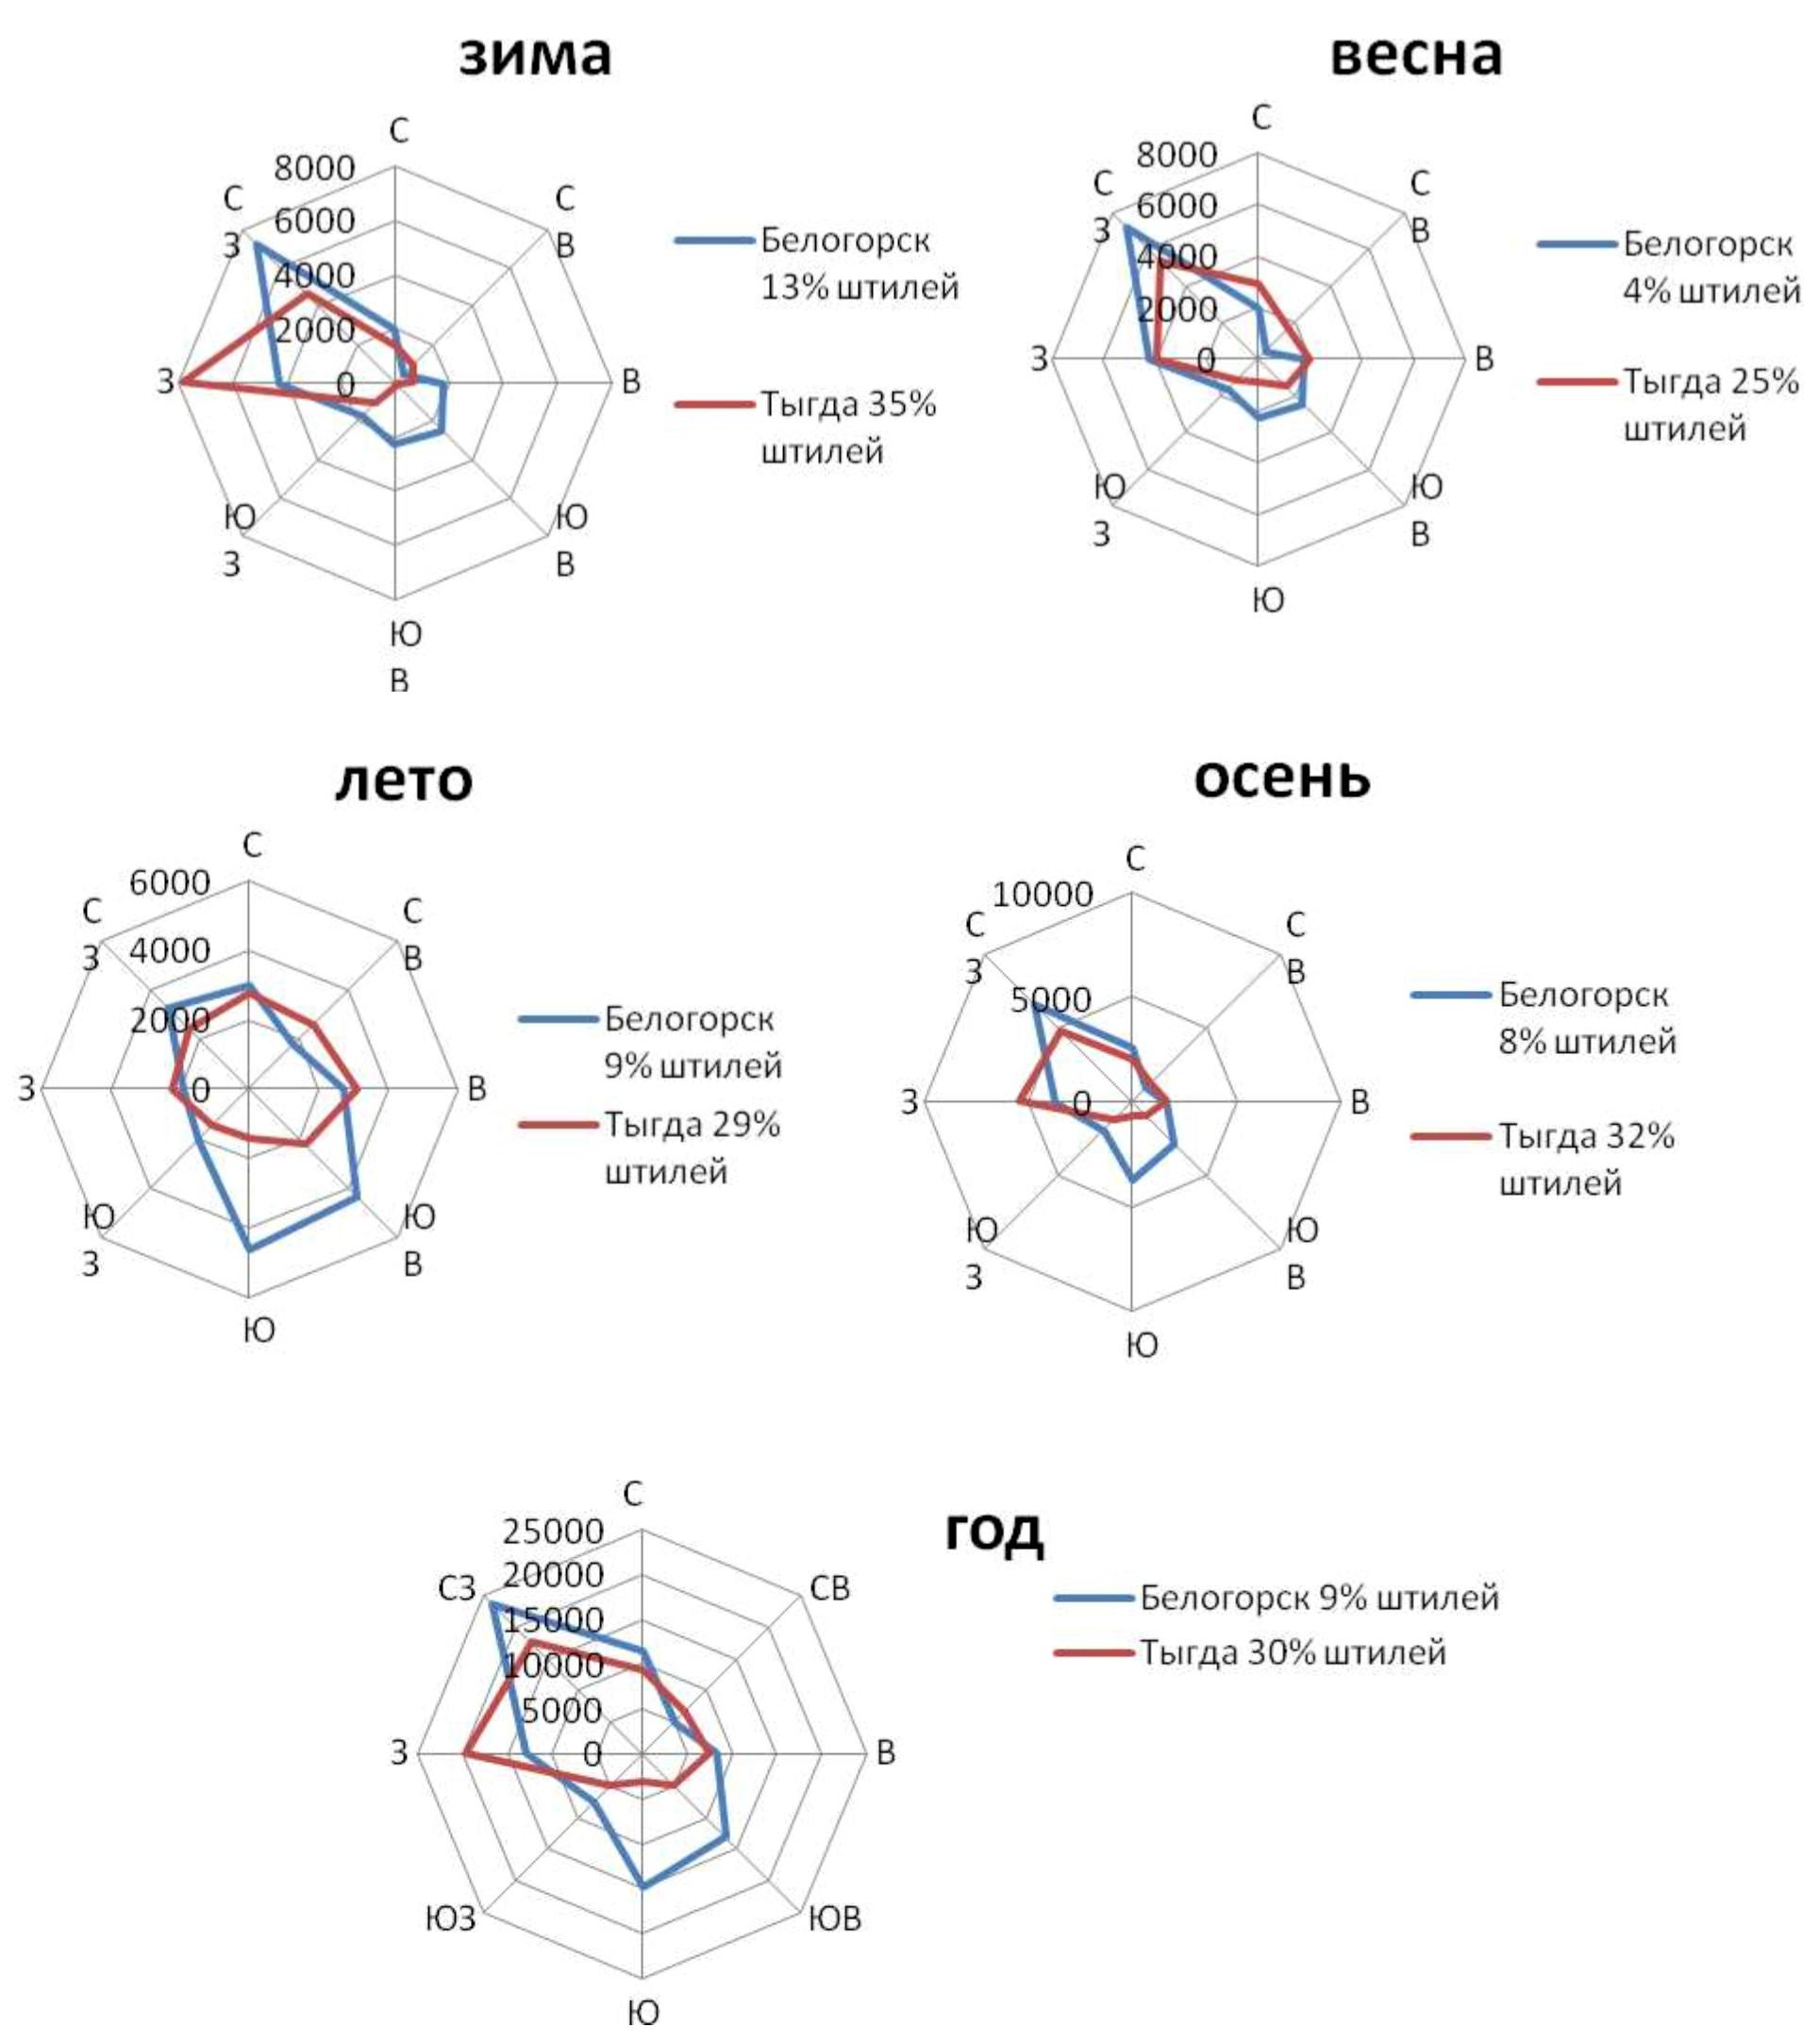 Годовая и сезонные розы ветров до данным м/ст. Белогорск и Тыгда за период 1961- 2000гг.